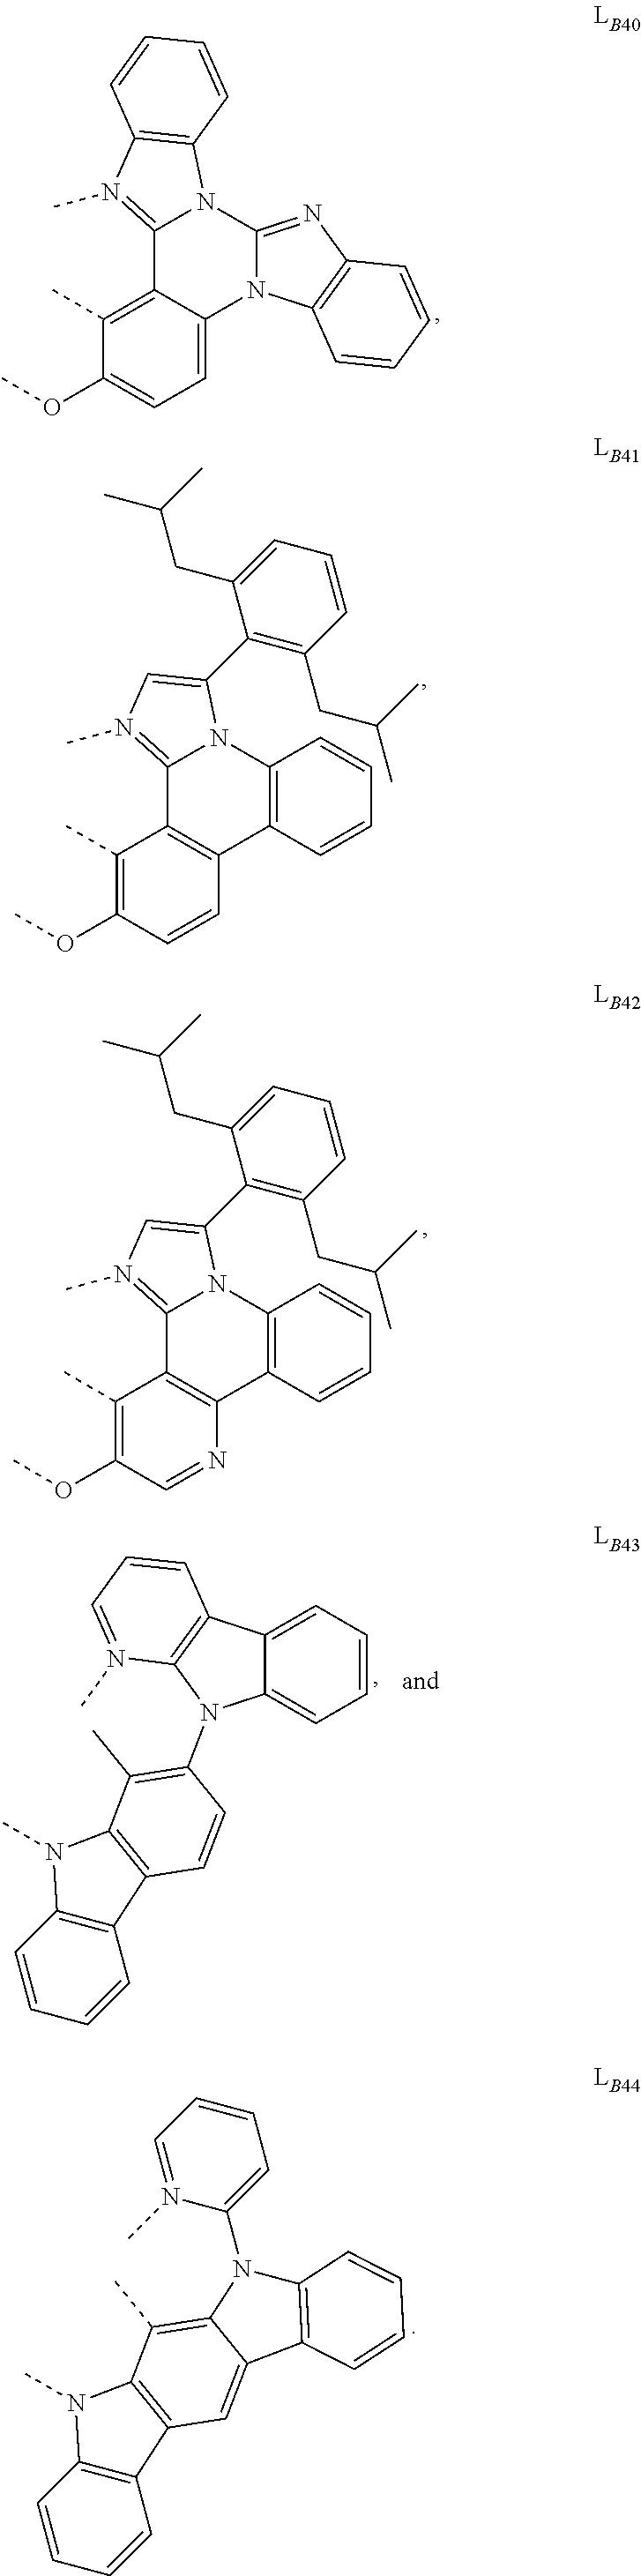 Figure US10301338-20190528-C00030